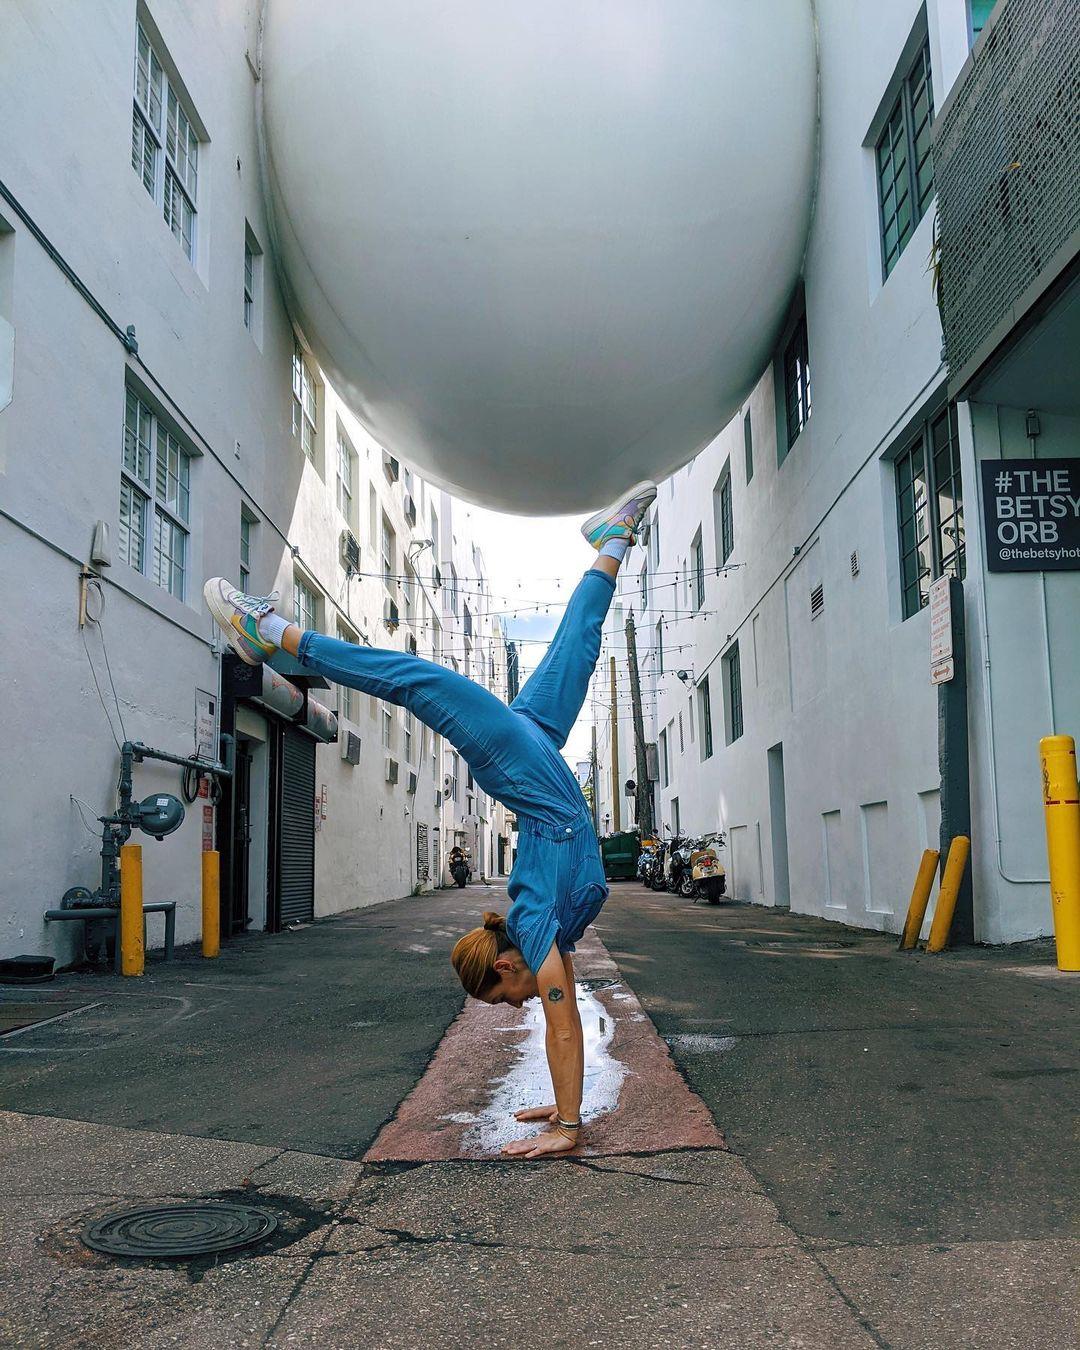 a man doing a cartwheel